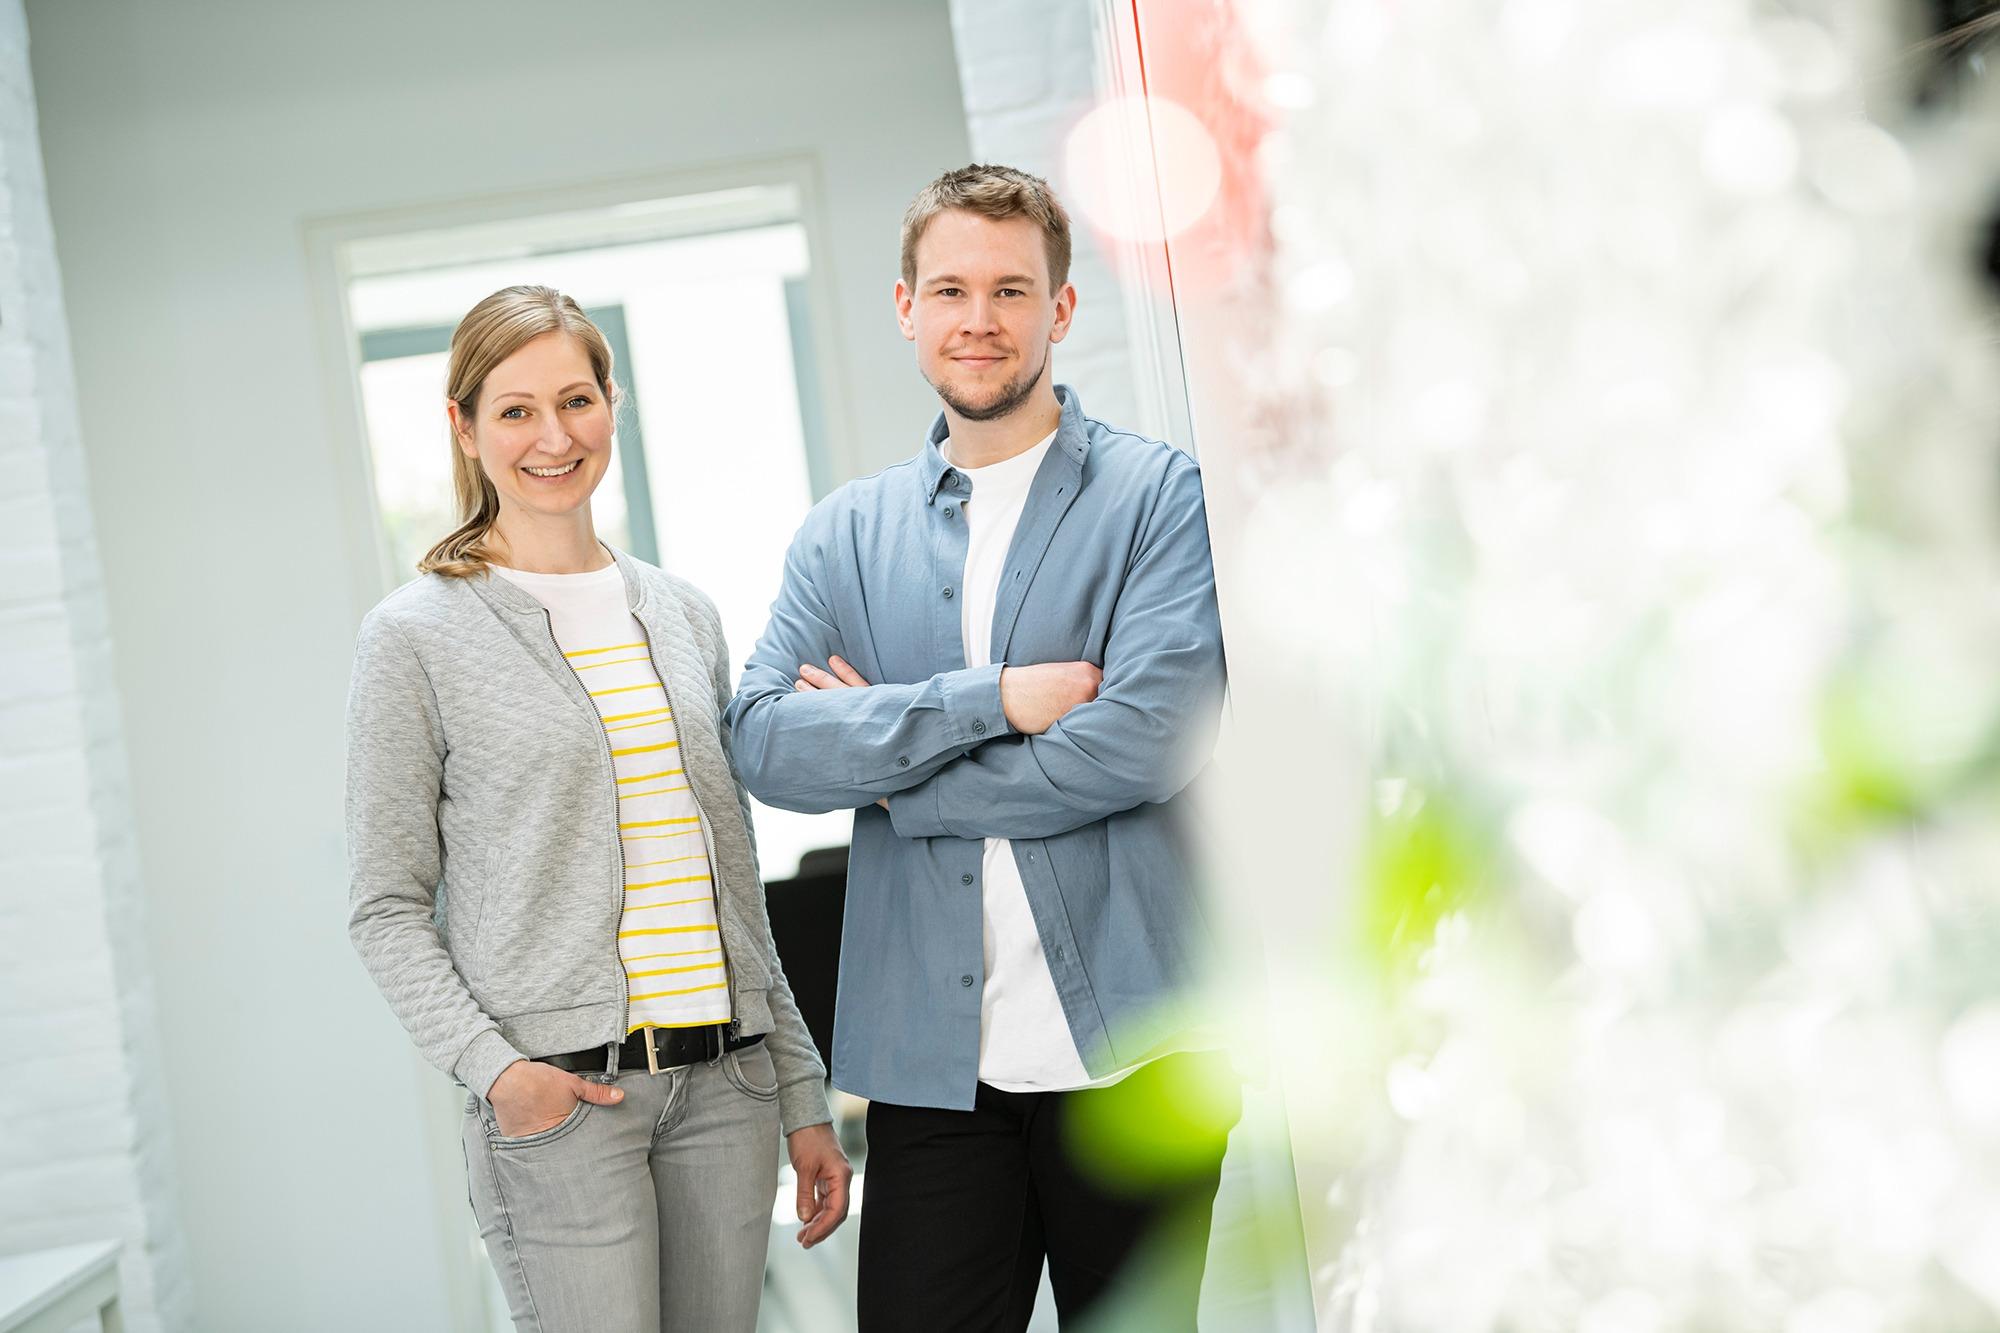 Studio dos, Grafikdesign Osnabrück, Franziska Fritz und Dennis Zorn